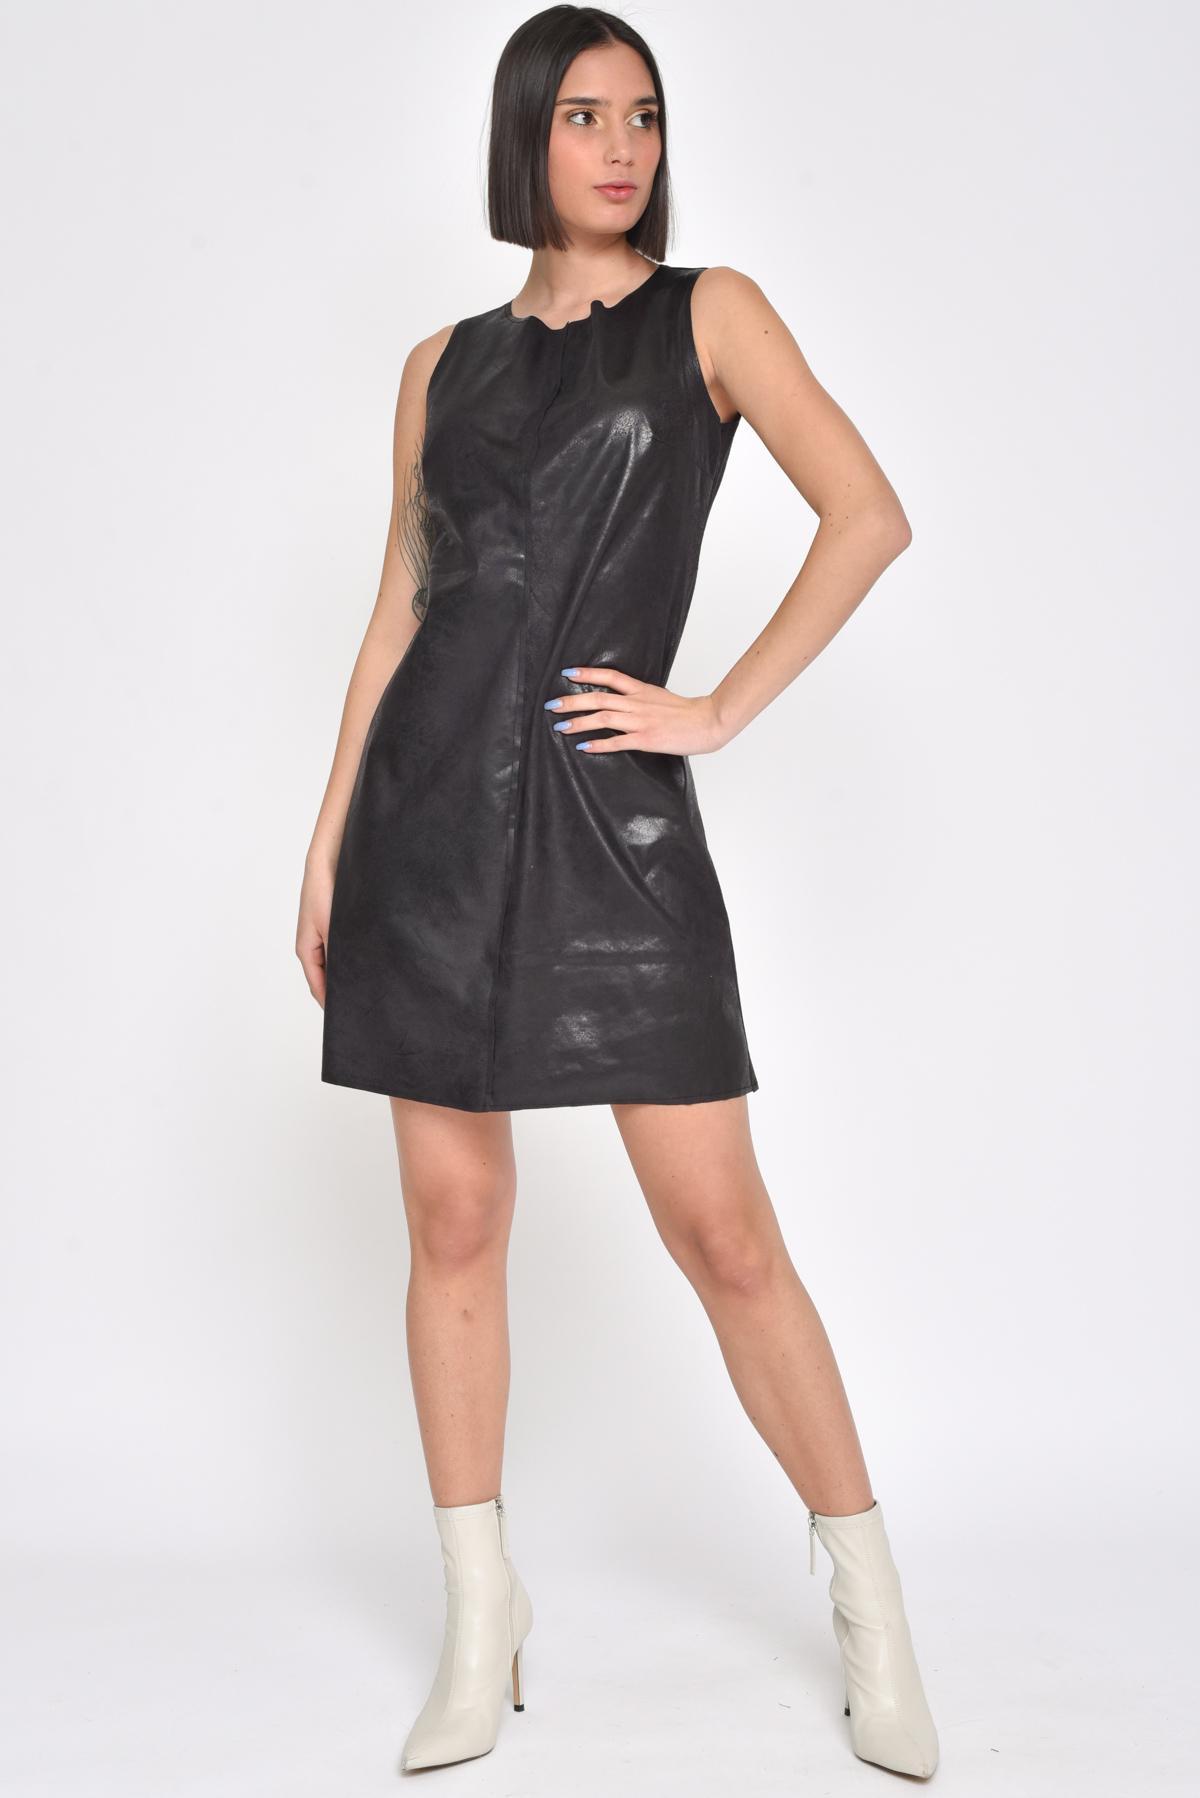 ABITO SMANICATO IN ECOPELLE da donna - NERO - Paquito Pronto Moda Shop Online